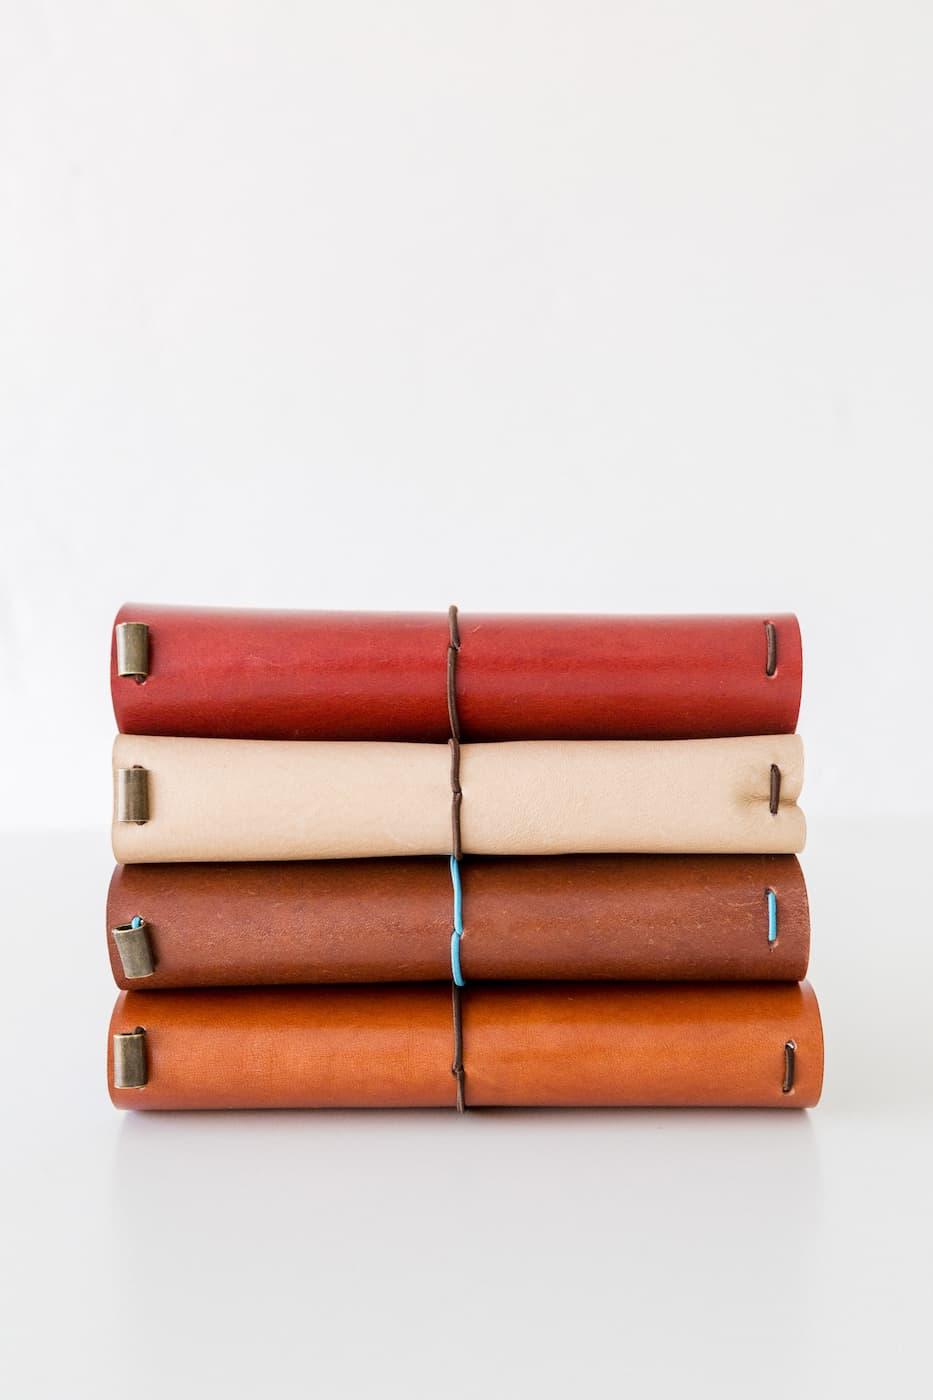 cuadernos midori artesanales en colores